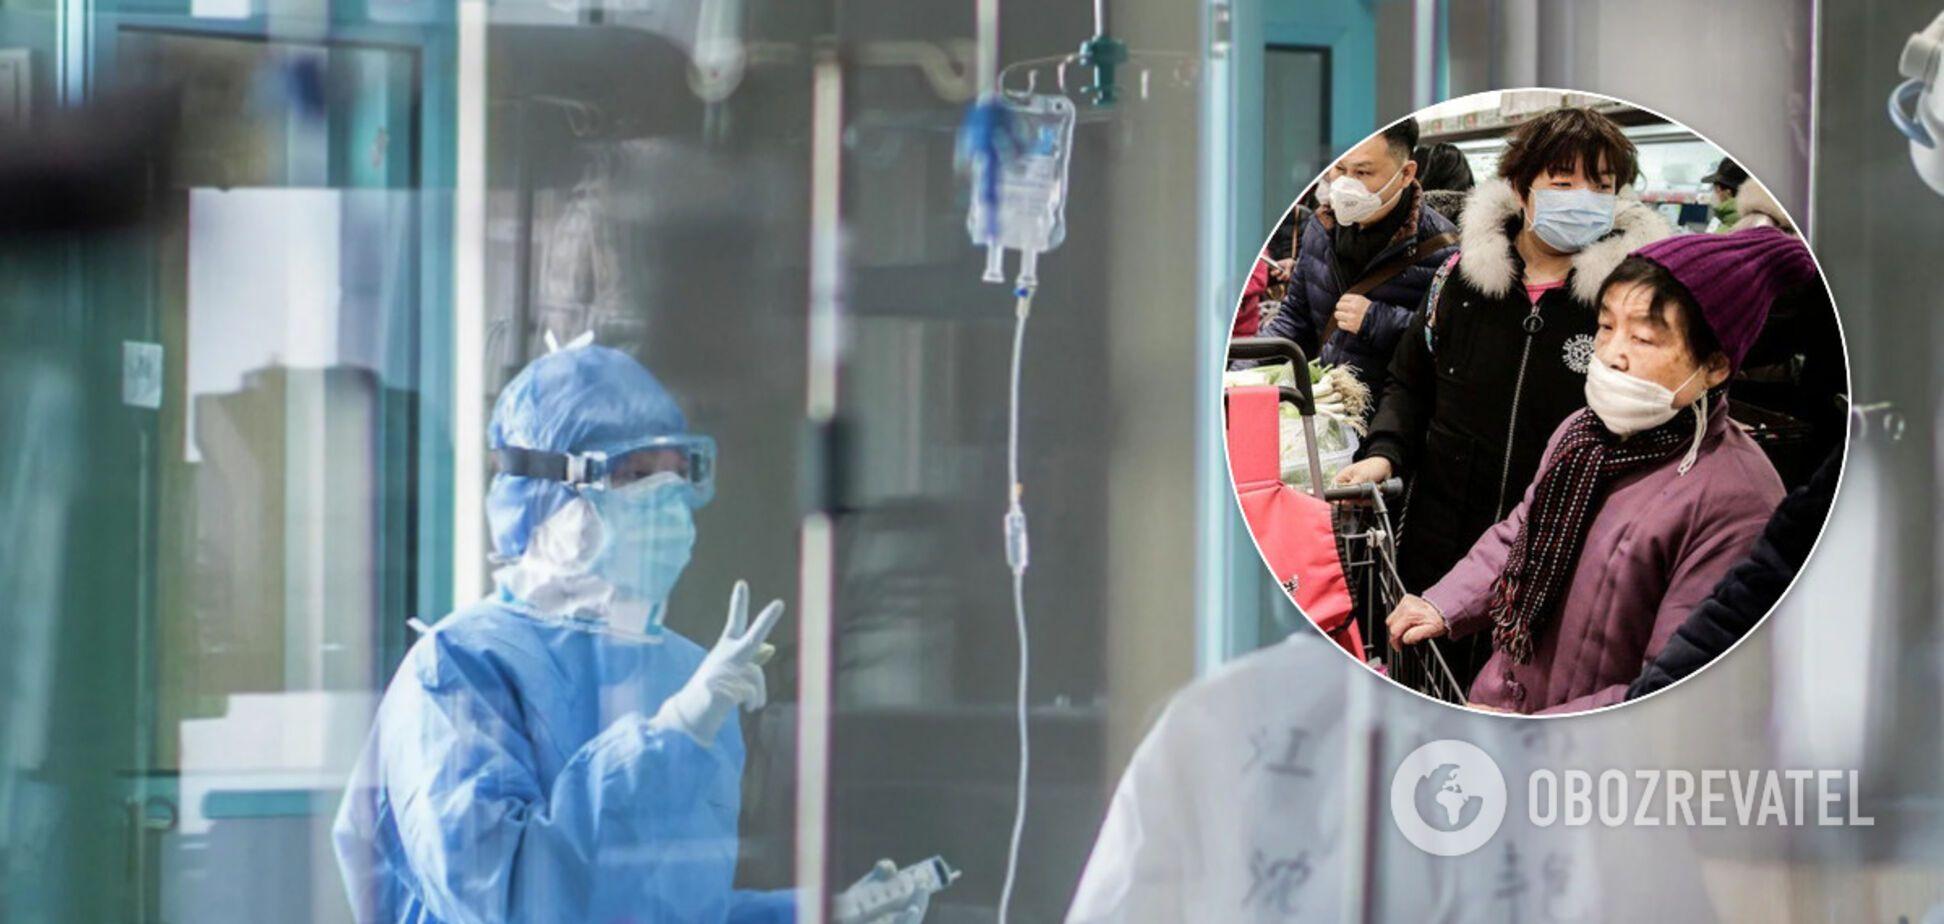 Одна из первых заболевших коронавирусом в Китае вылечилась: как она себя чувствует